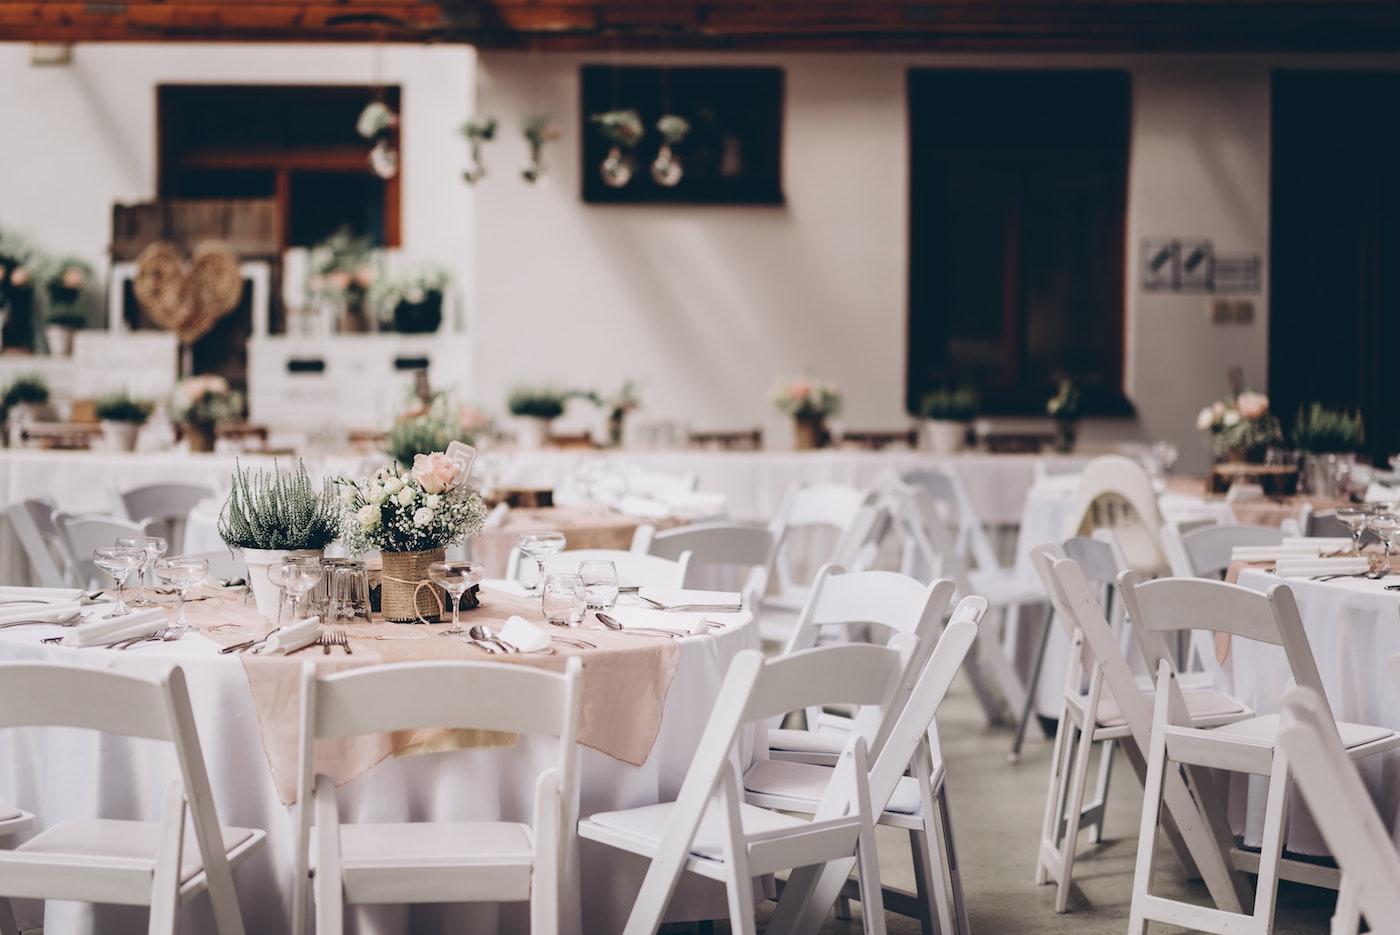 Cómo tener una boda con cero impacto - Victoria Priessnitz - Wedding Hub - 01